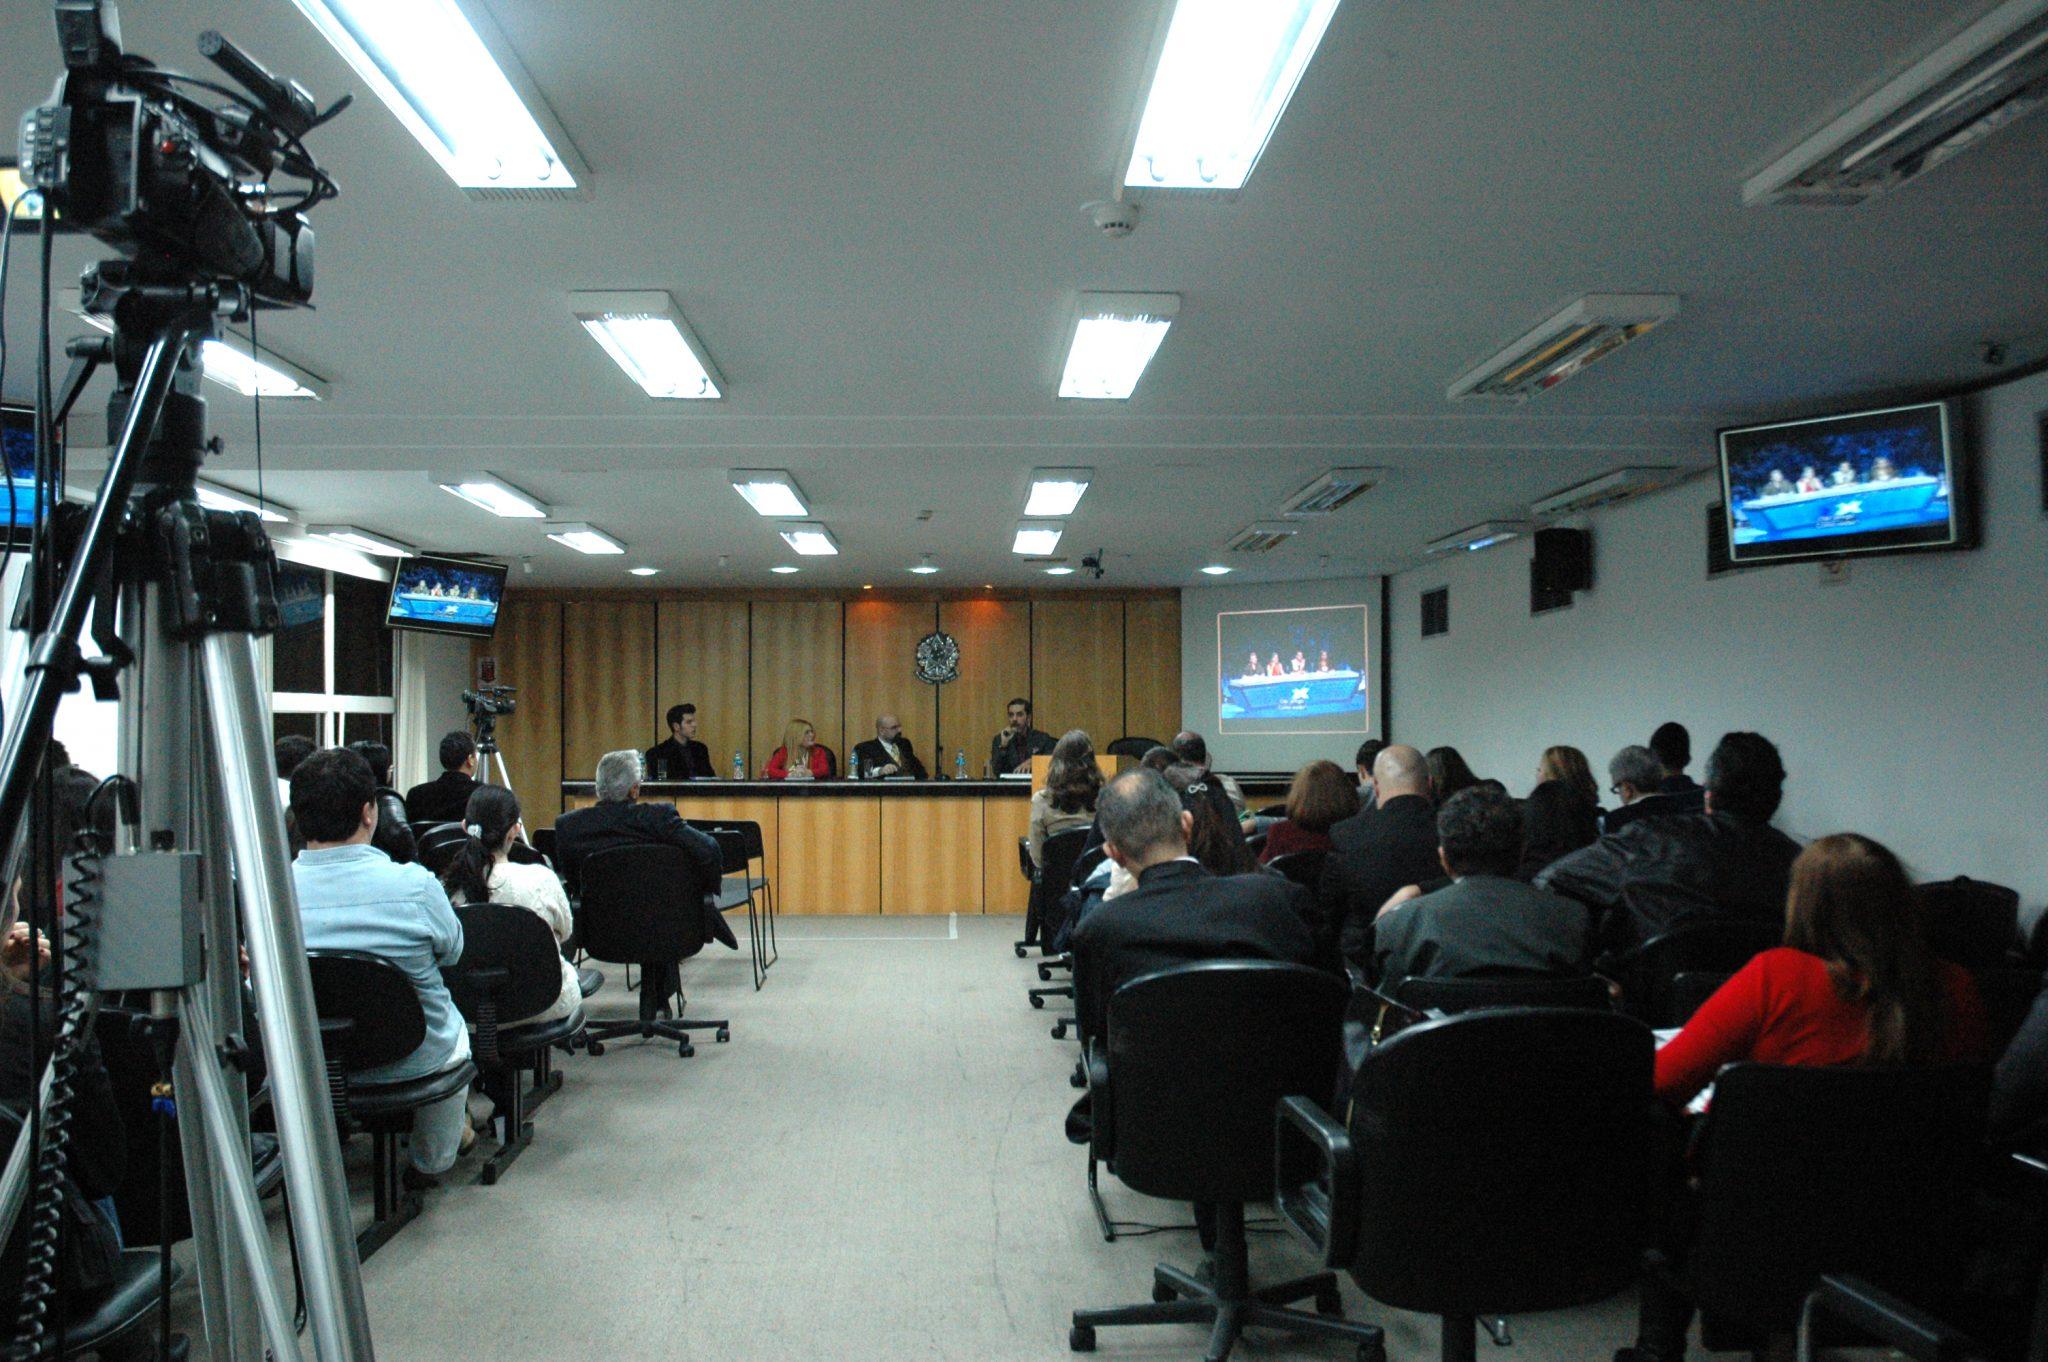 Palestra Construindo uma imagem de sucesso na advocacia Alexandre Taleb e Murilo Grilo 31 - CONSTRUINDO UMA IMAGEM DE SUCESSO NA ADVOCACIA